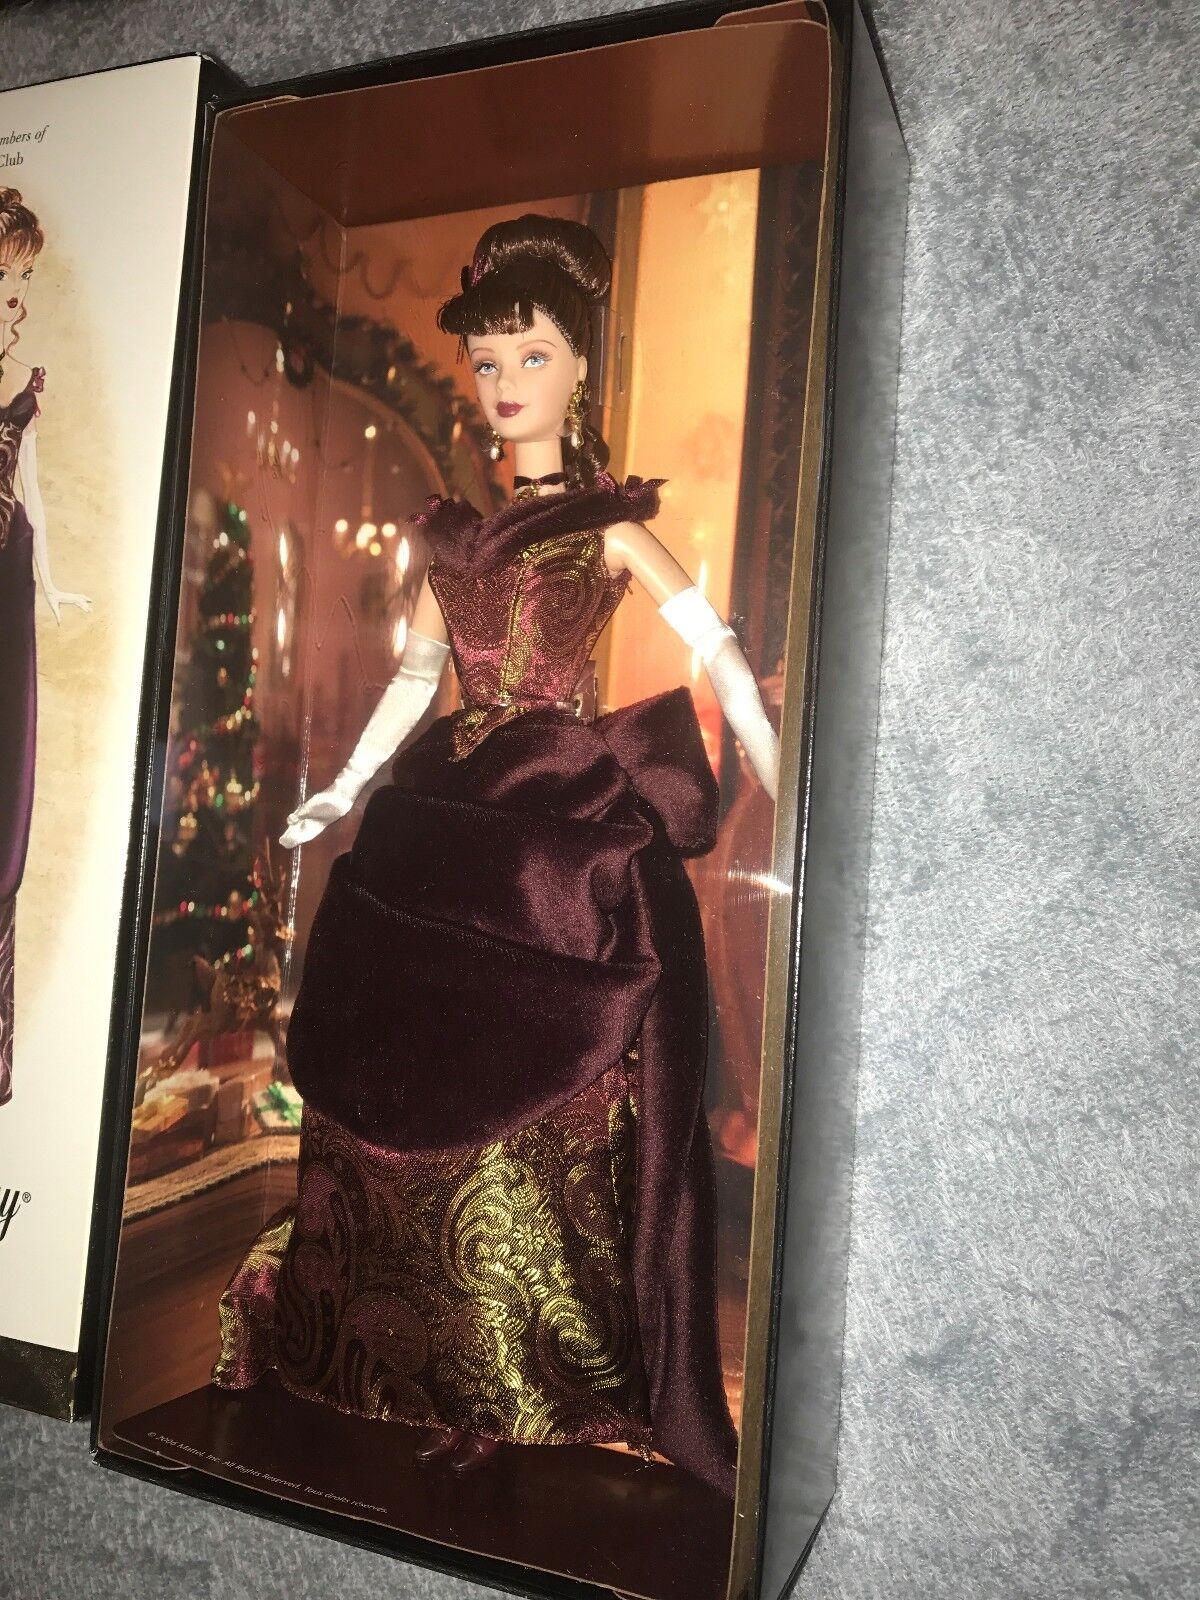 Victoriano vacaciones oro Label 2006 Muñeca Barbie COLECCIONISTA FAN club exclusivo nunca quitado de la caja